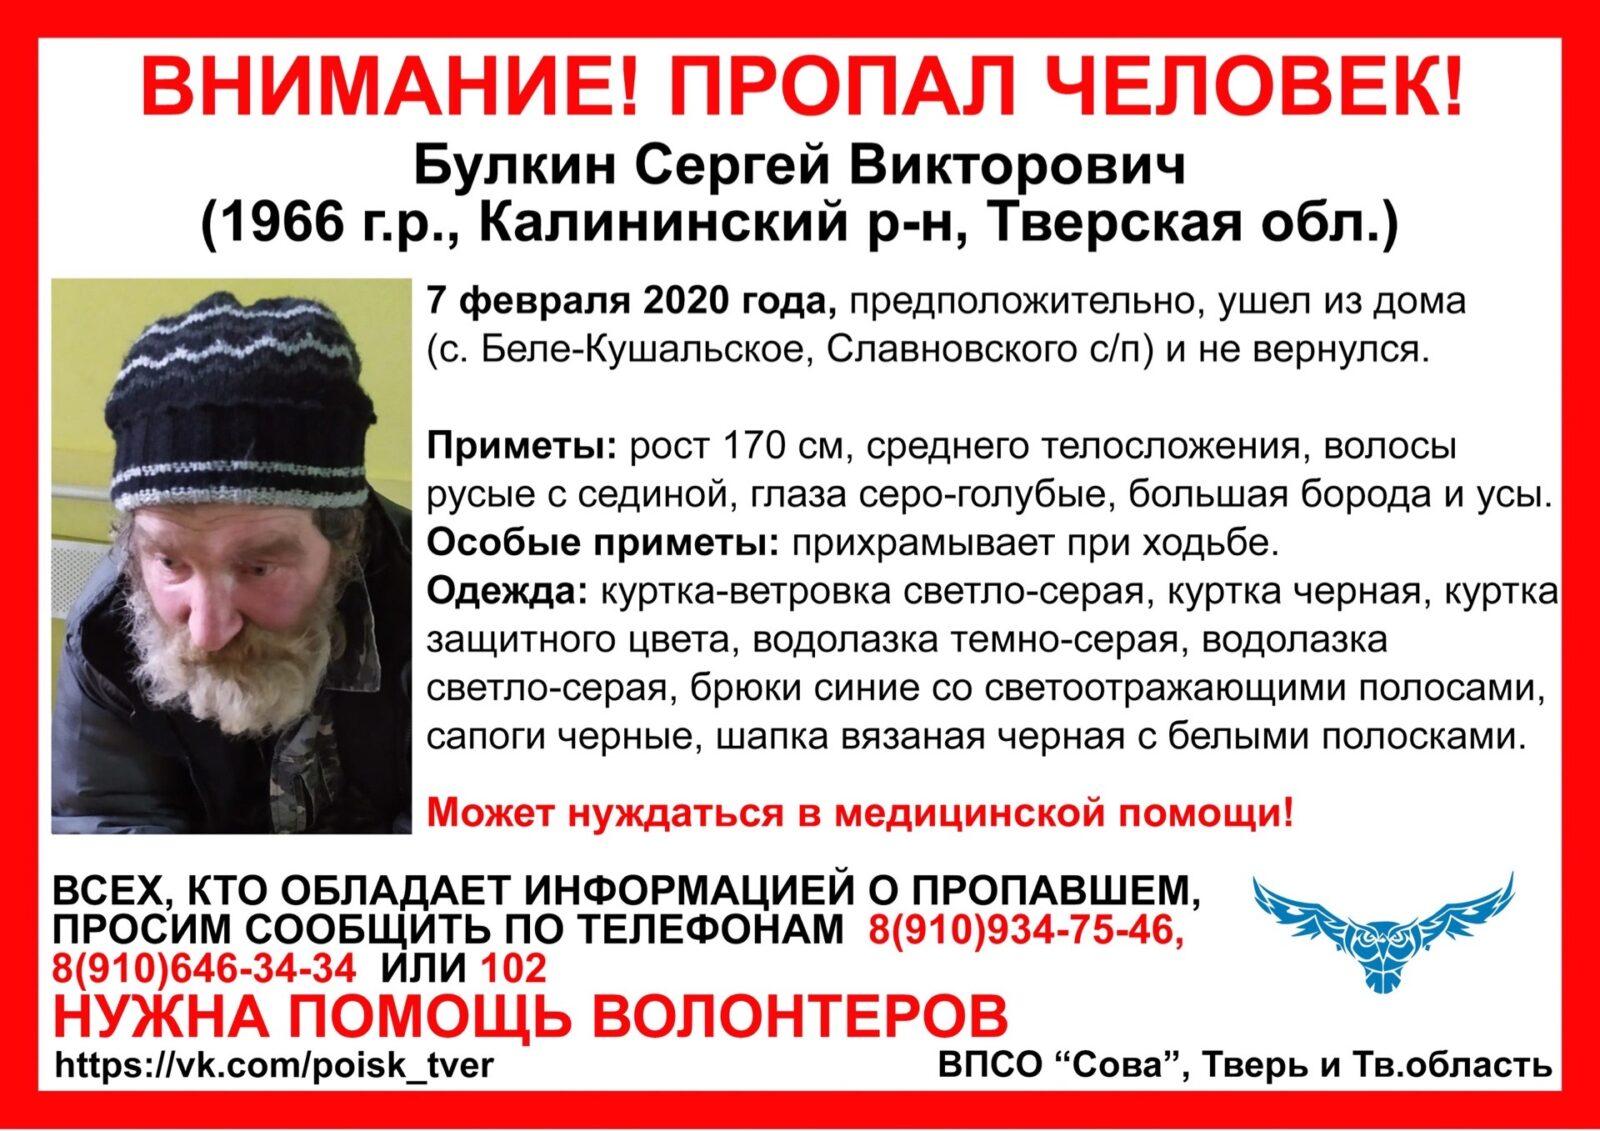 Из села в Тверской области пропал пожилой мужчина